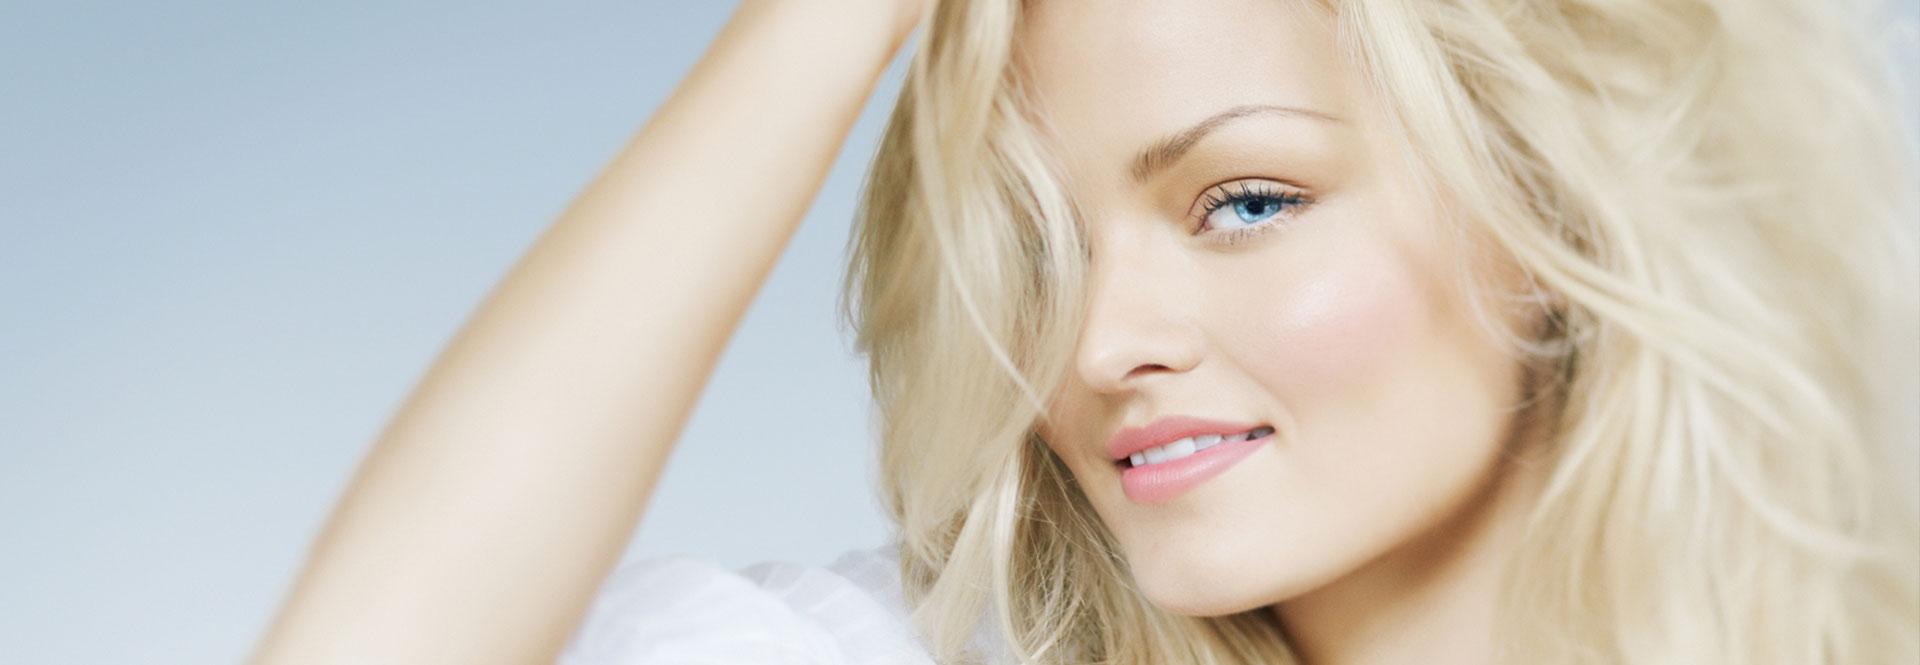 leshinehair-clip-in-hair-extension